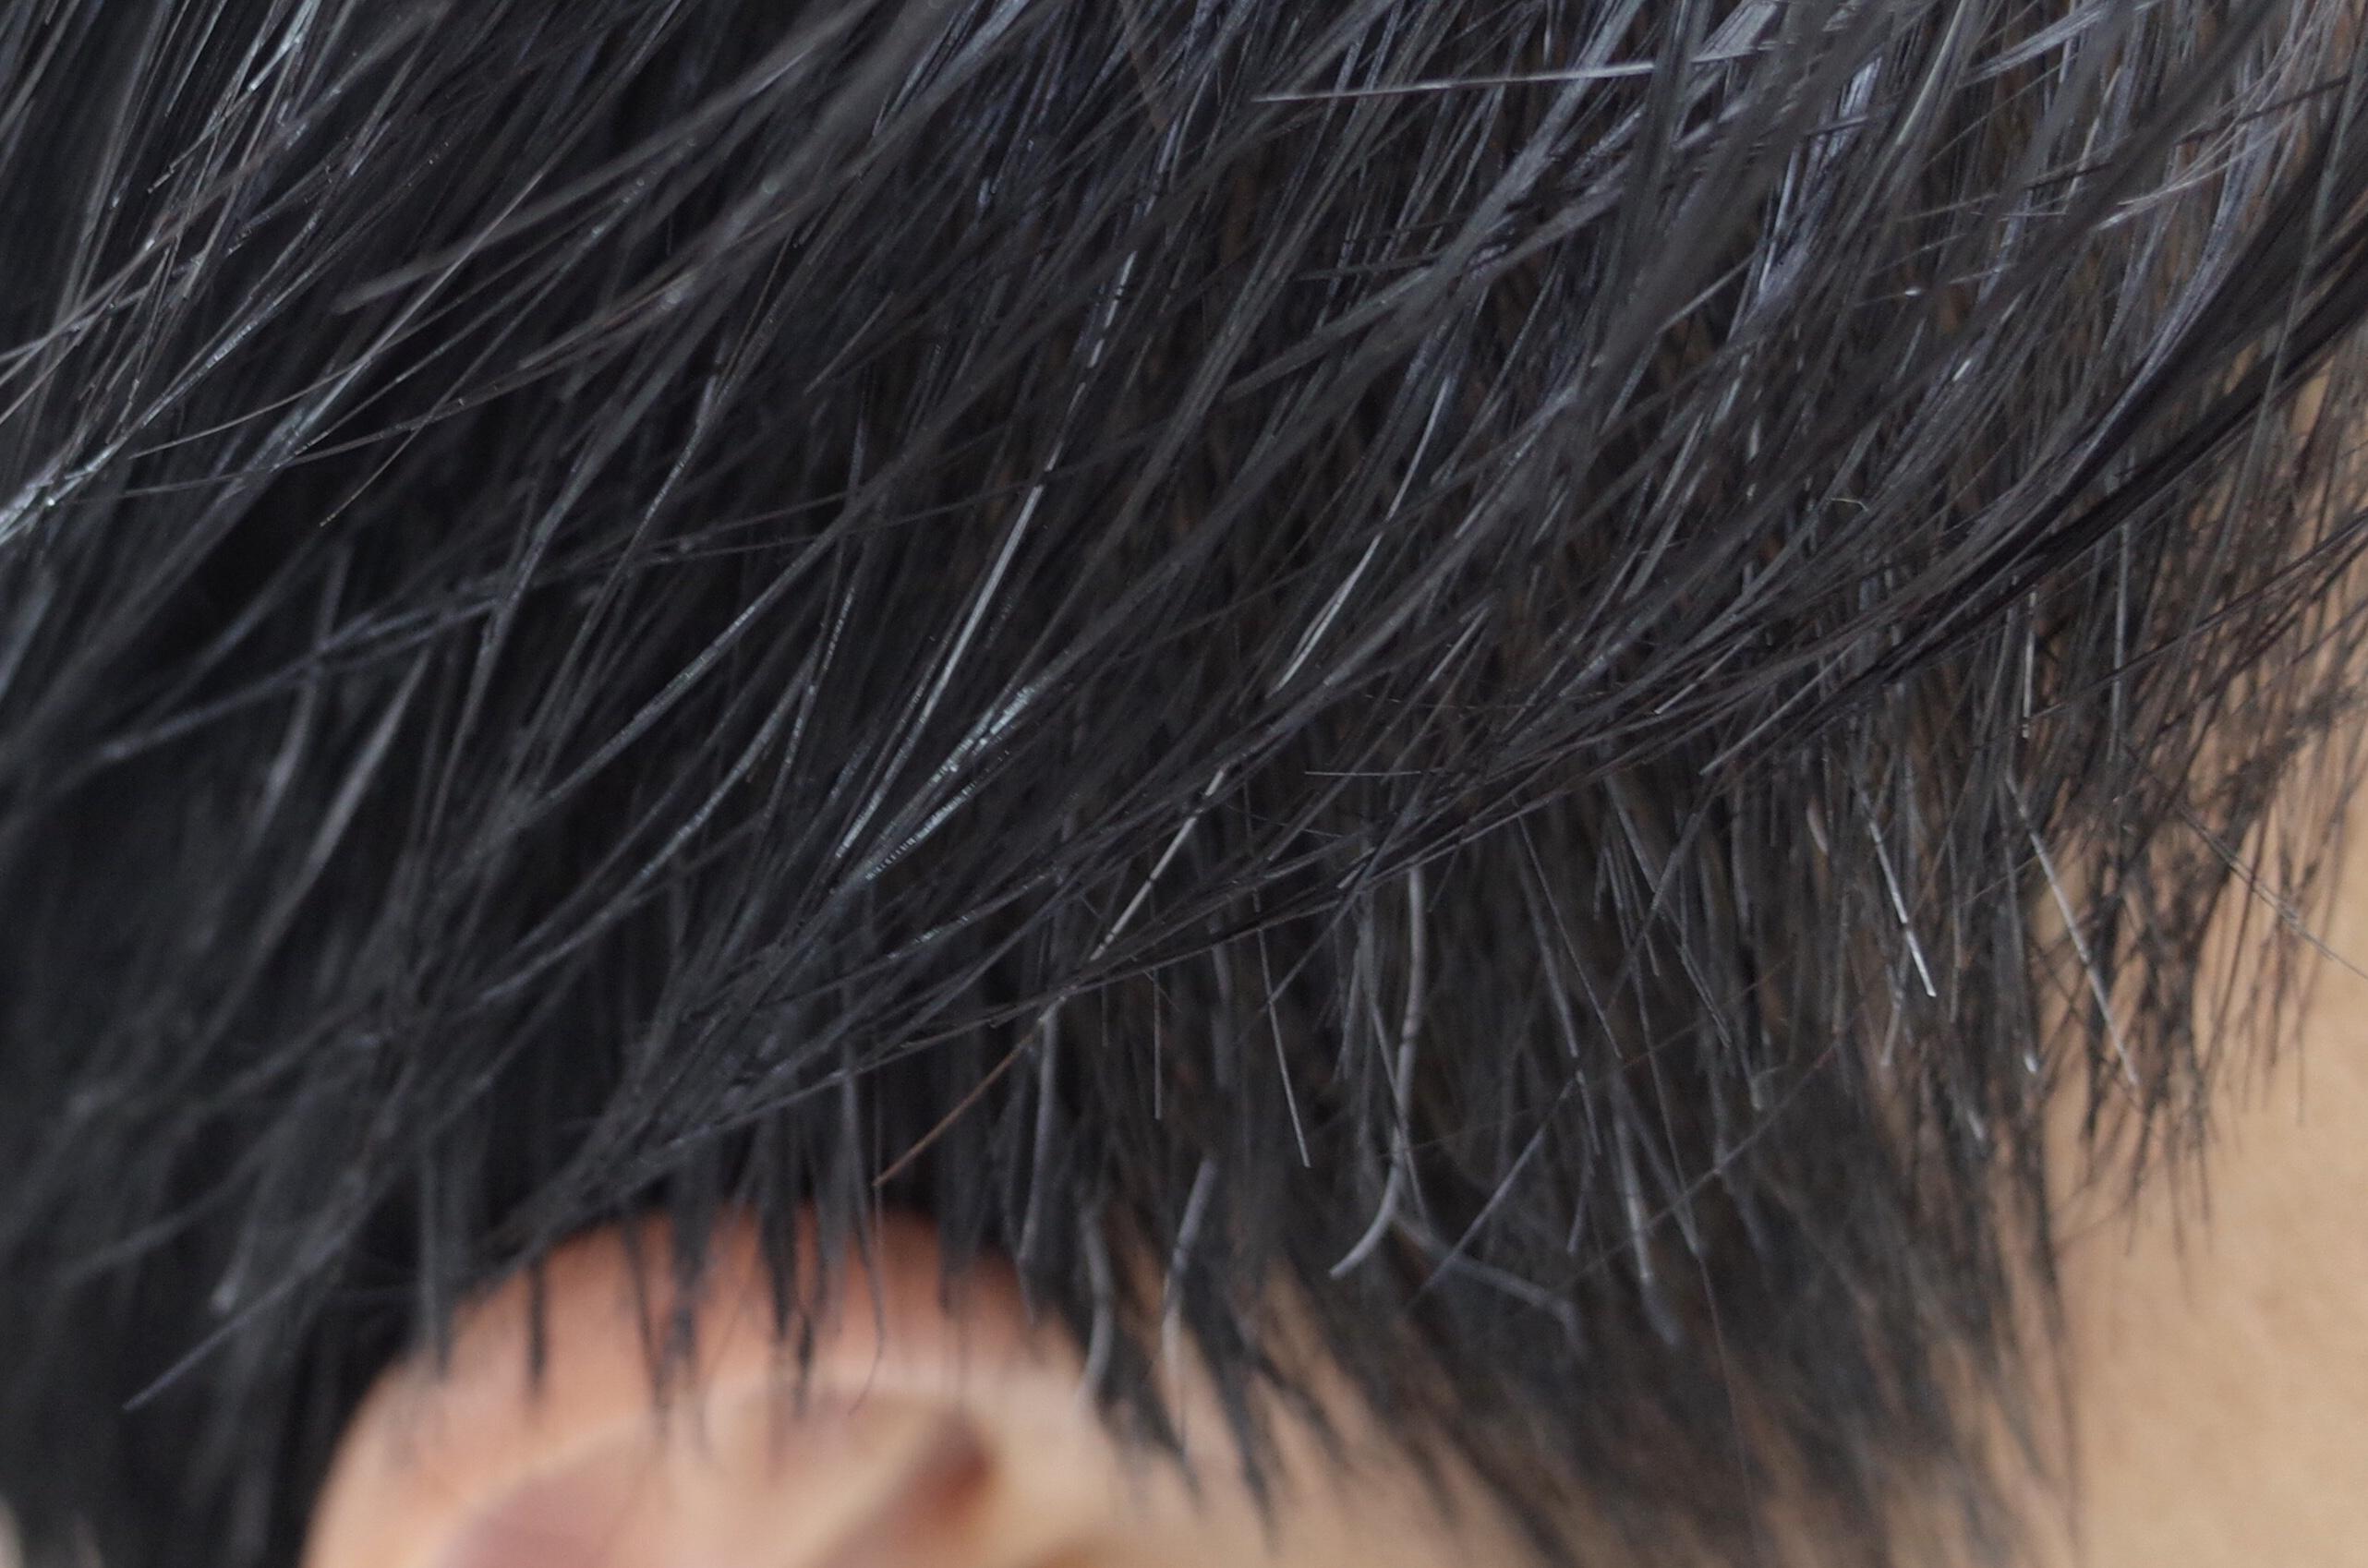 男性を横から写した写真。パラパラと白髪のある様子